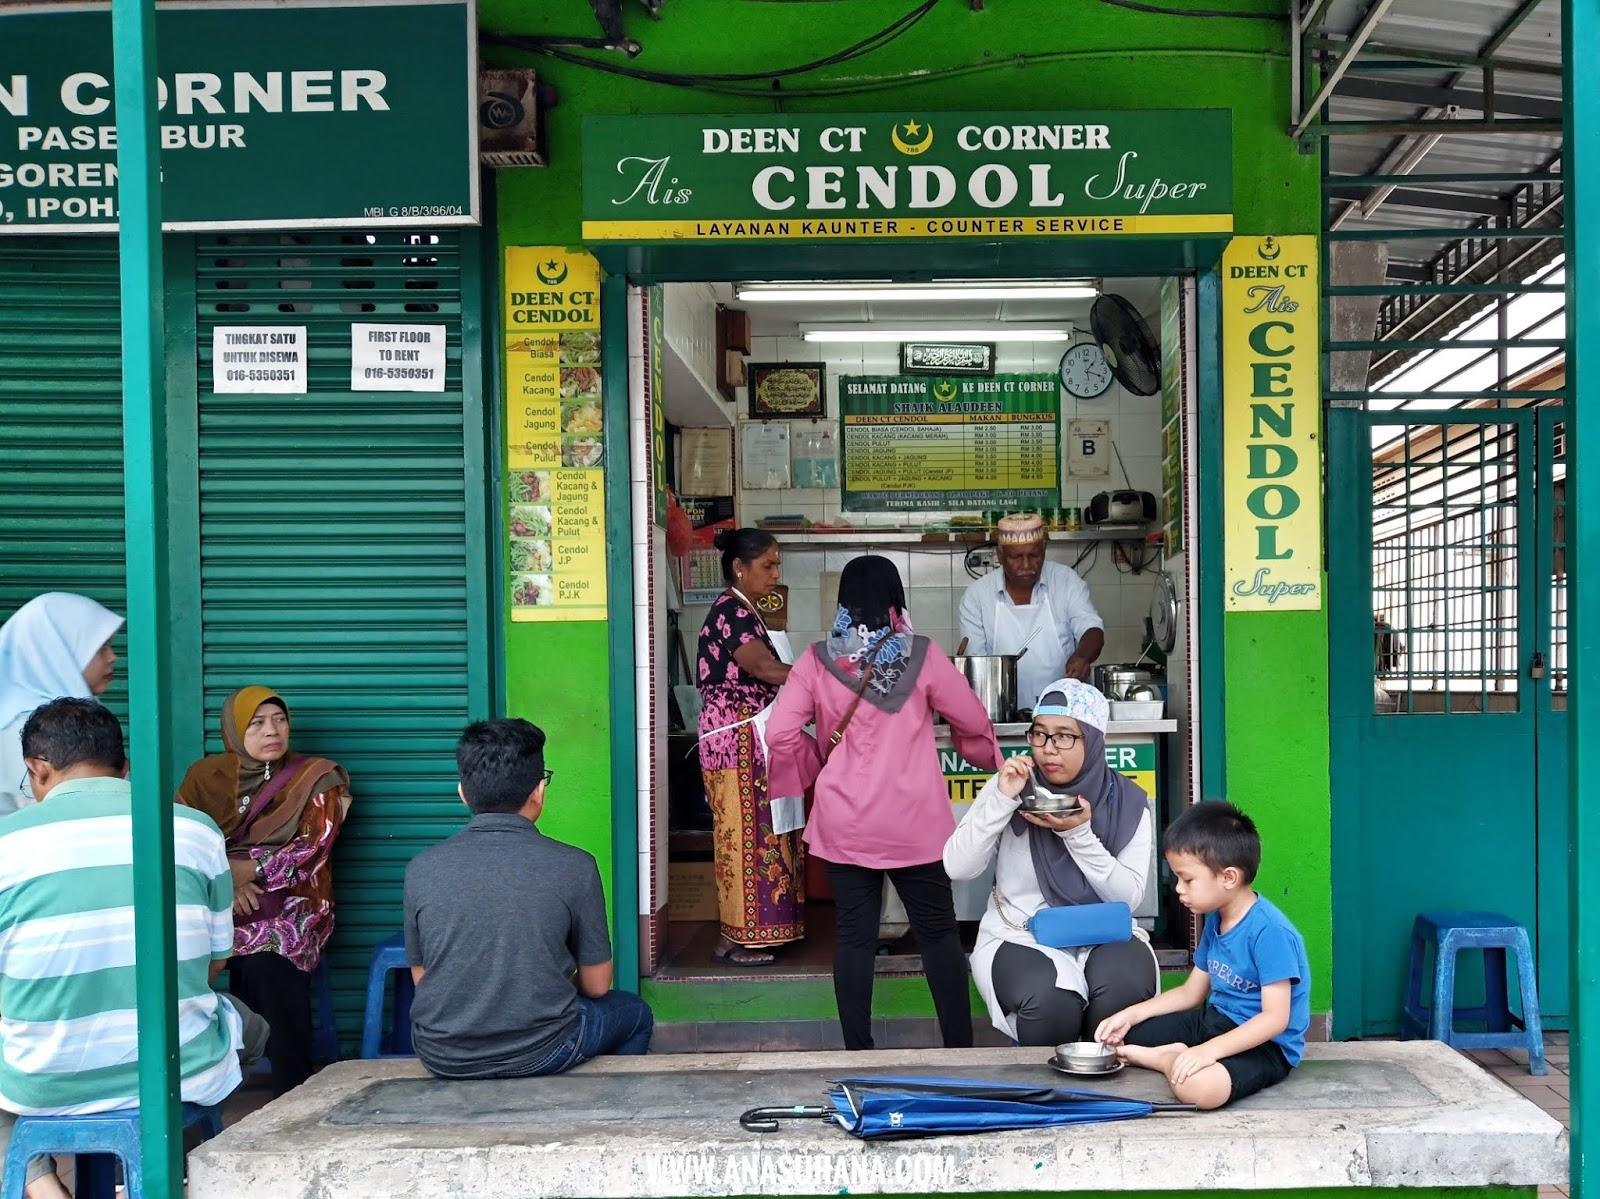 Deen CT Corner Cendol Ipoh